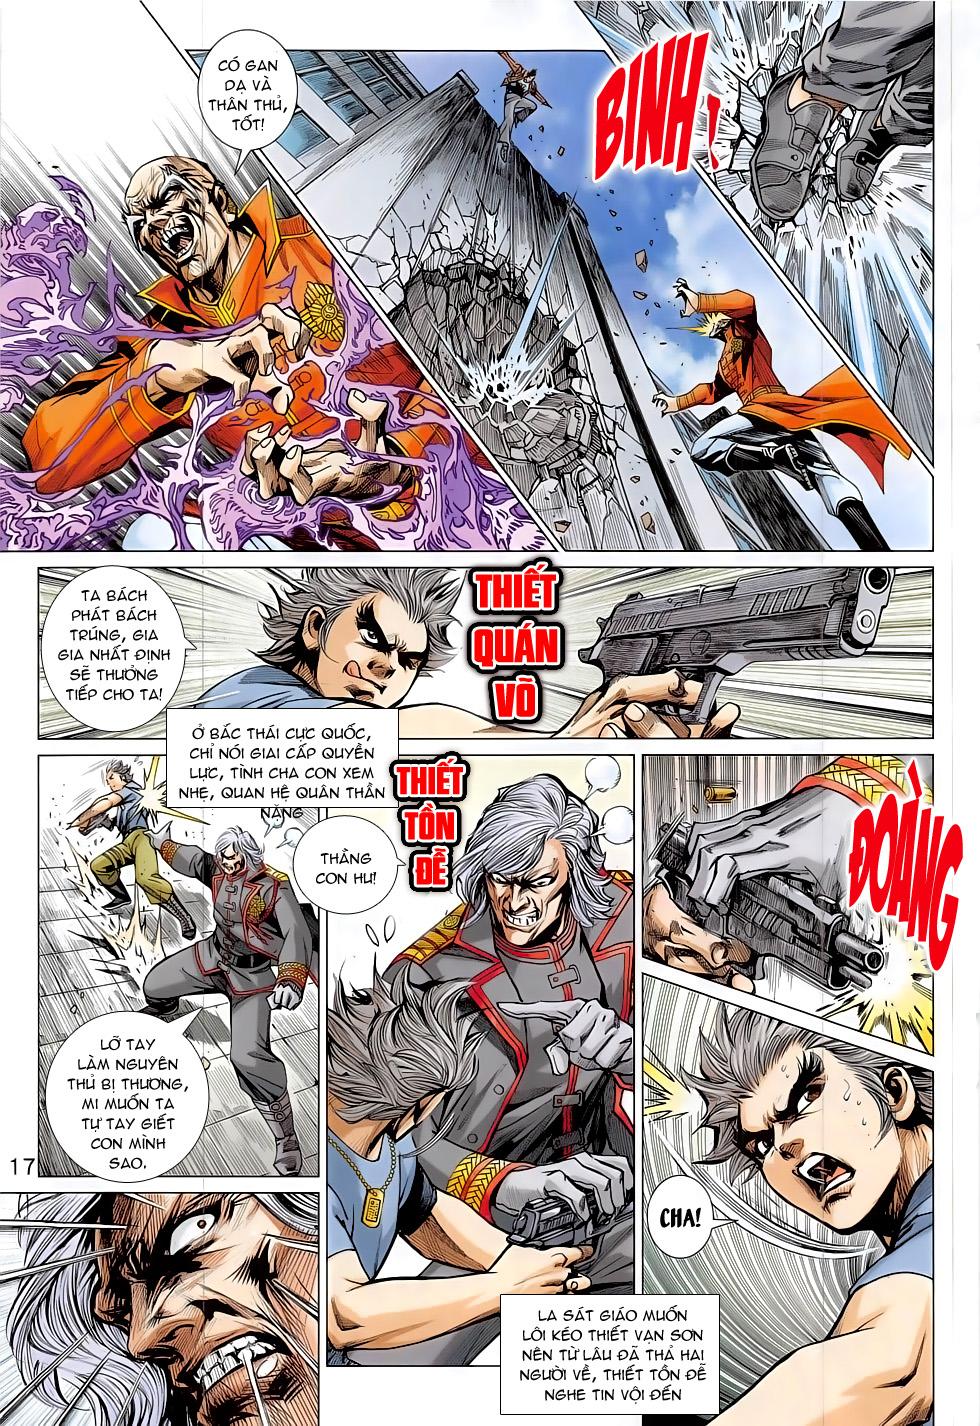 Tân Tác Long Hổ Môn chap 794 Trang 17 - Mangak.info